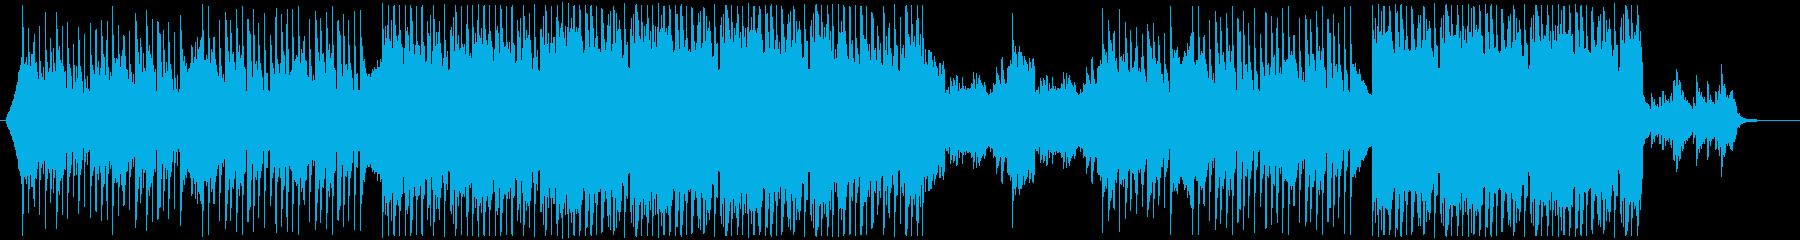 爽やかな明るいイメージのBGMの再生済みの波形